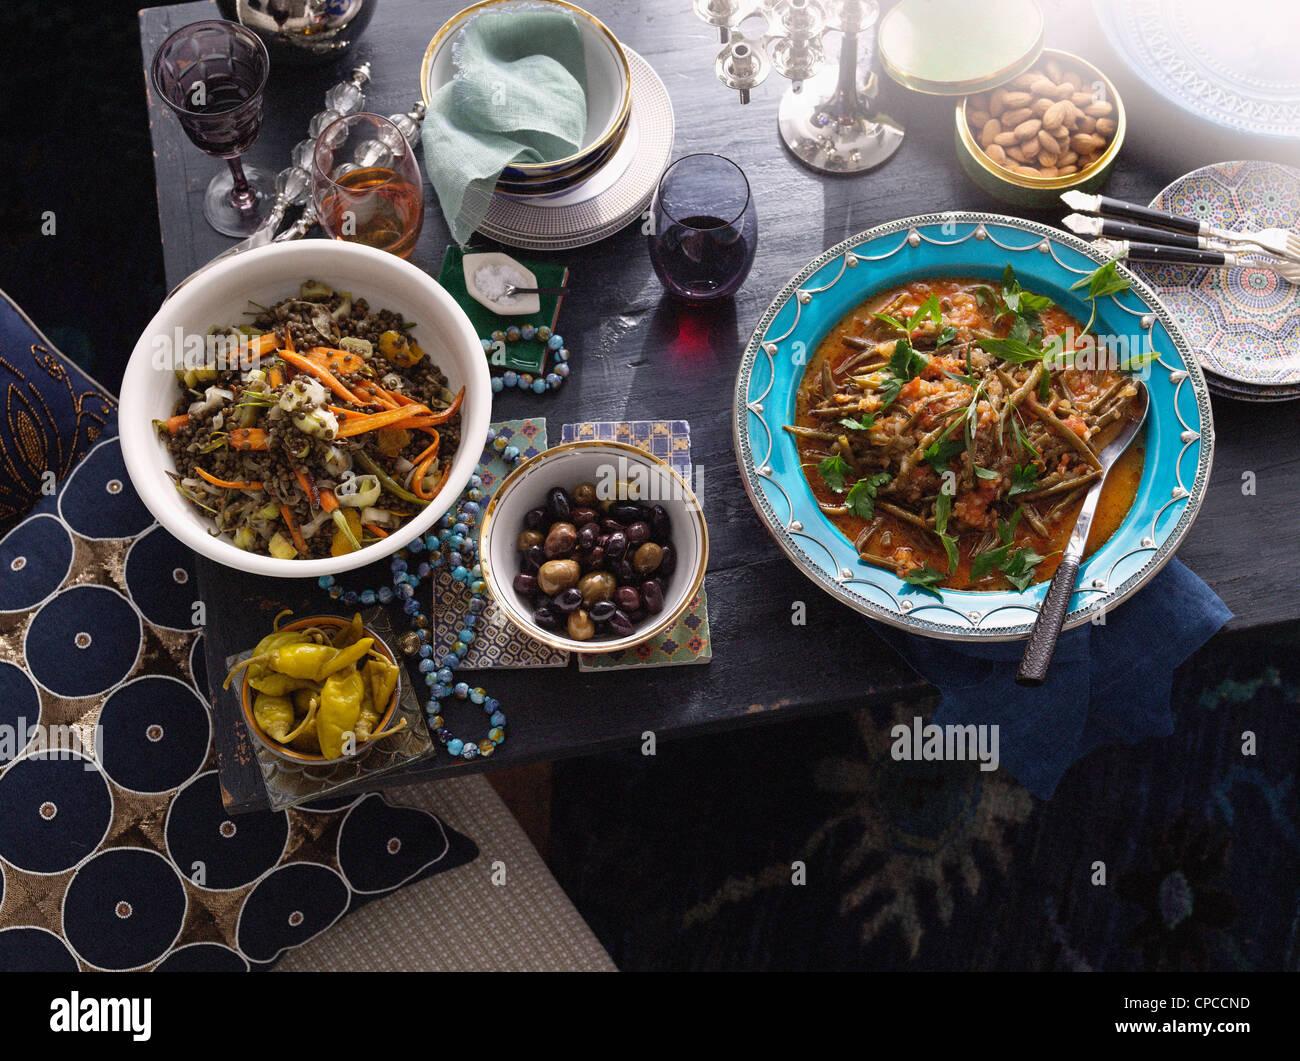 Platten von türkischen Lebensmitteln auf Tisch Stockbild